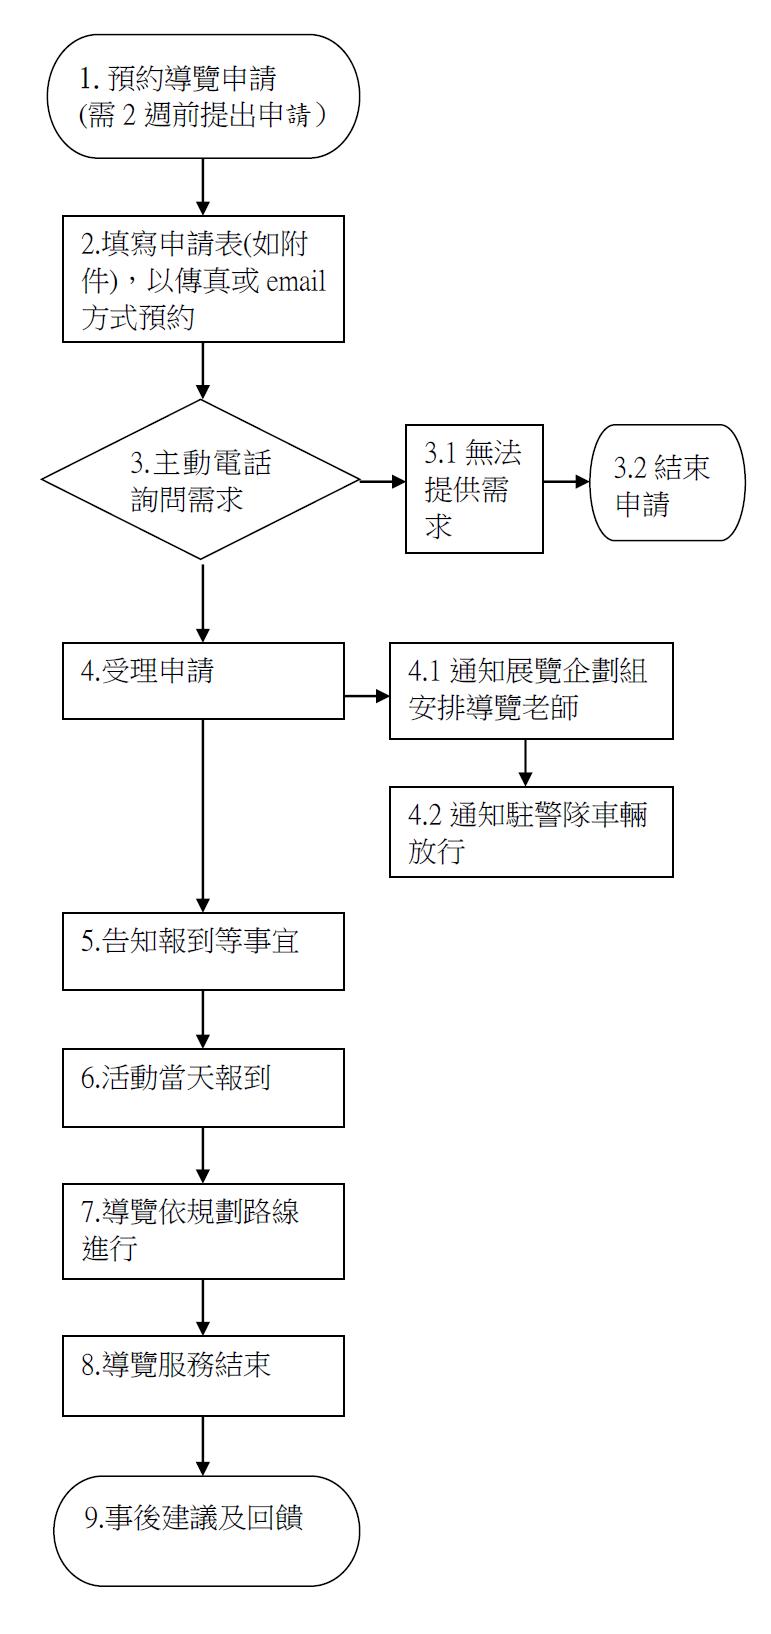 無障礙流程圖.png